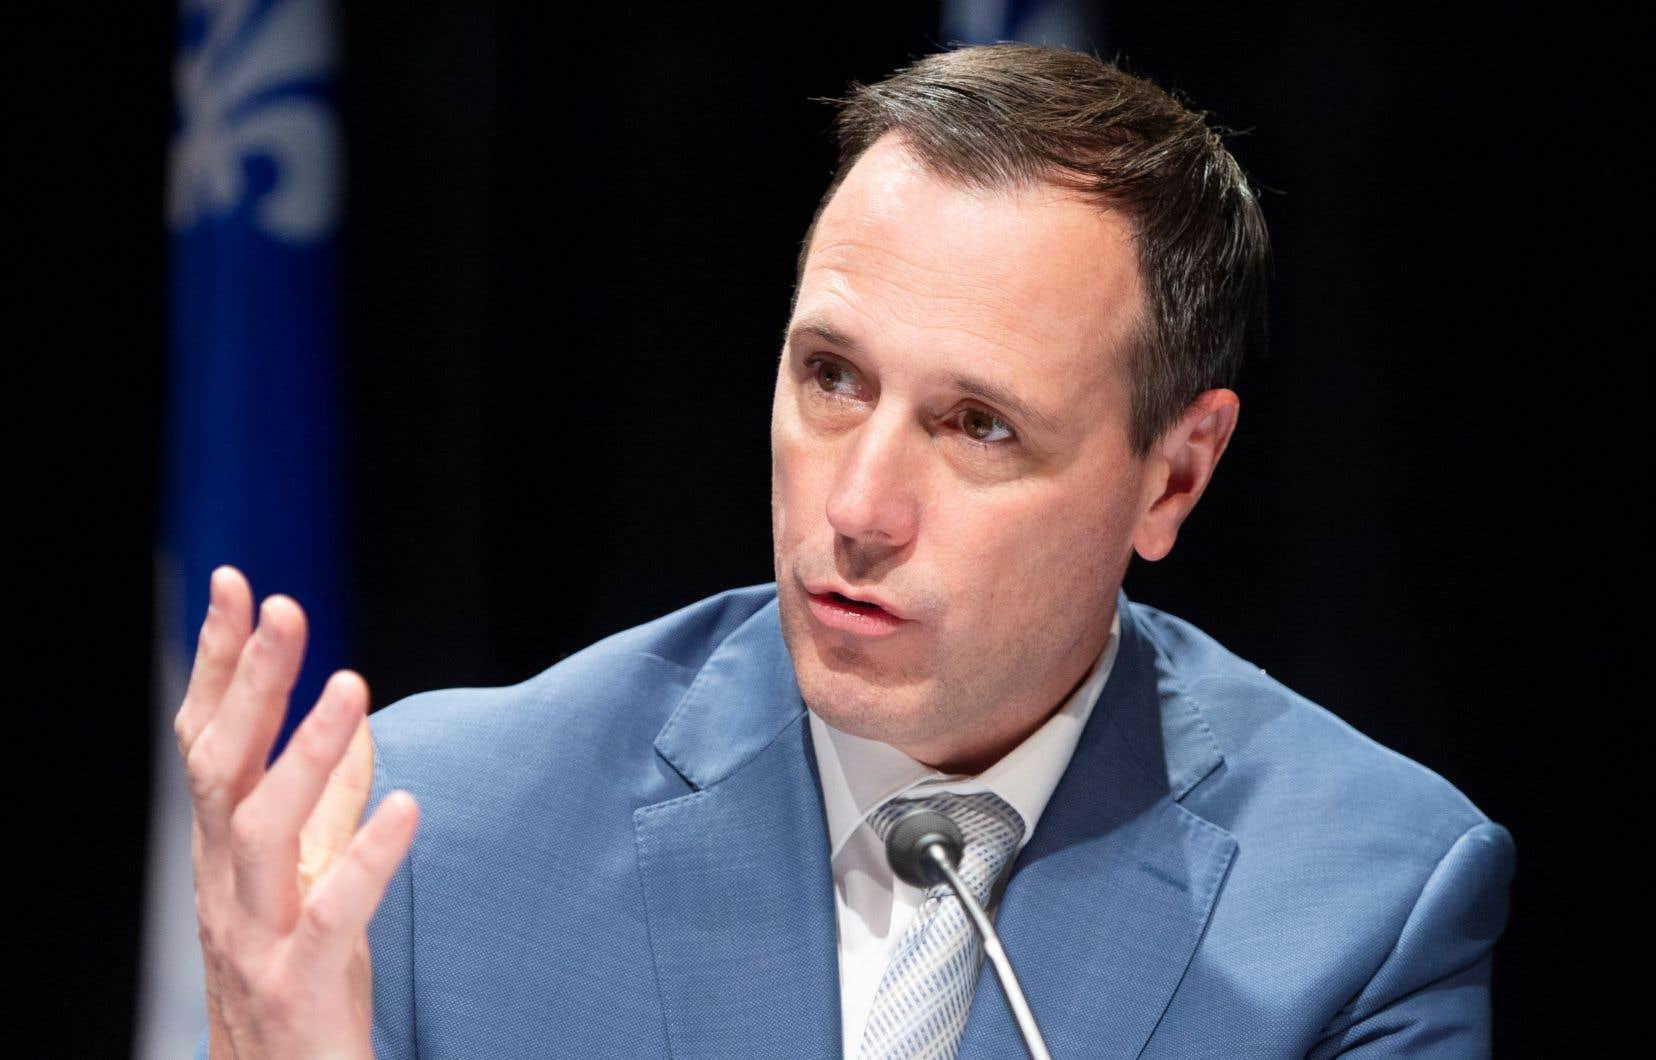 «Il faut attendre le bulletin qui s'en vient avant de prendre des décisions», a déclaré le ministre de l'Éducation, Jean-François Roberge.